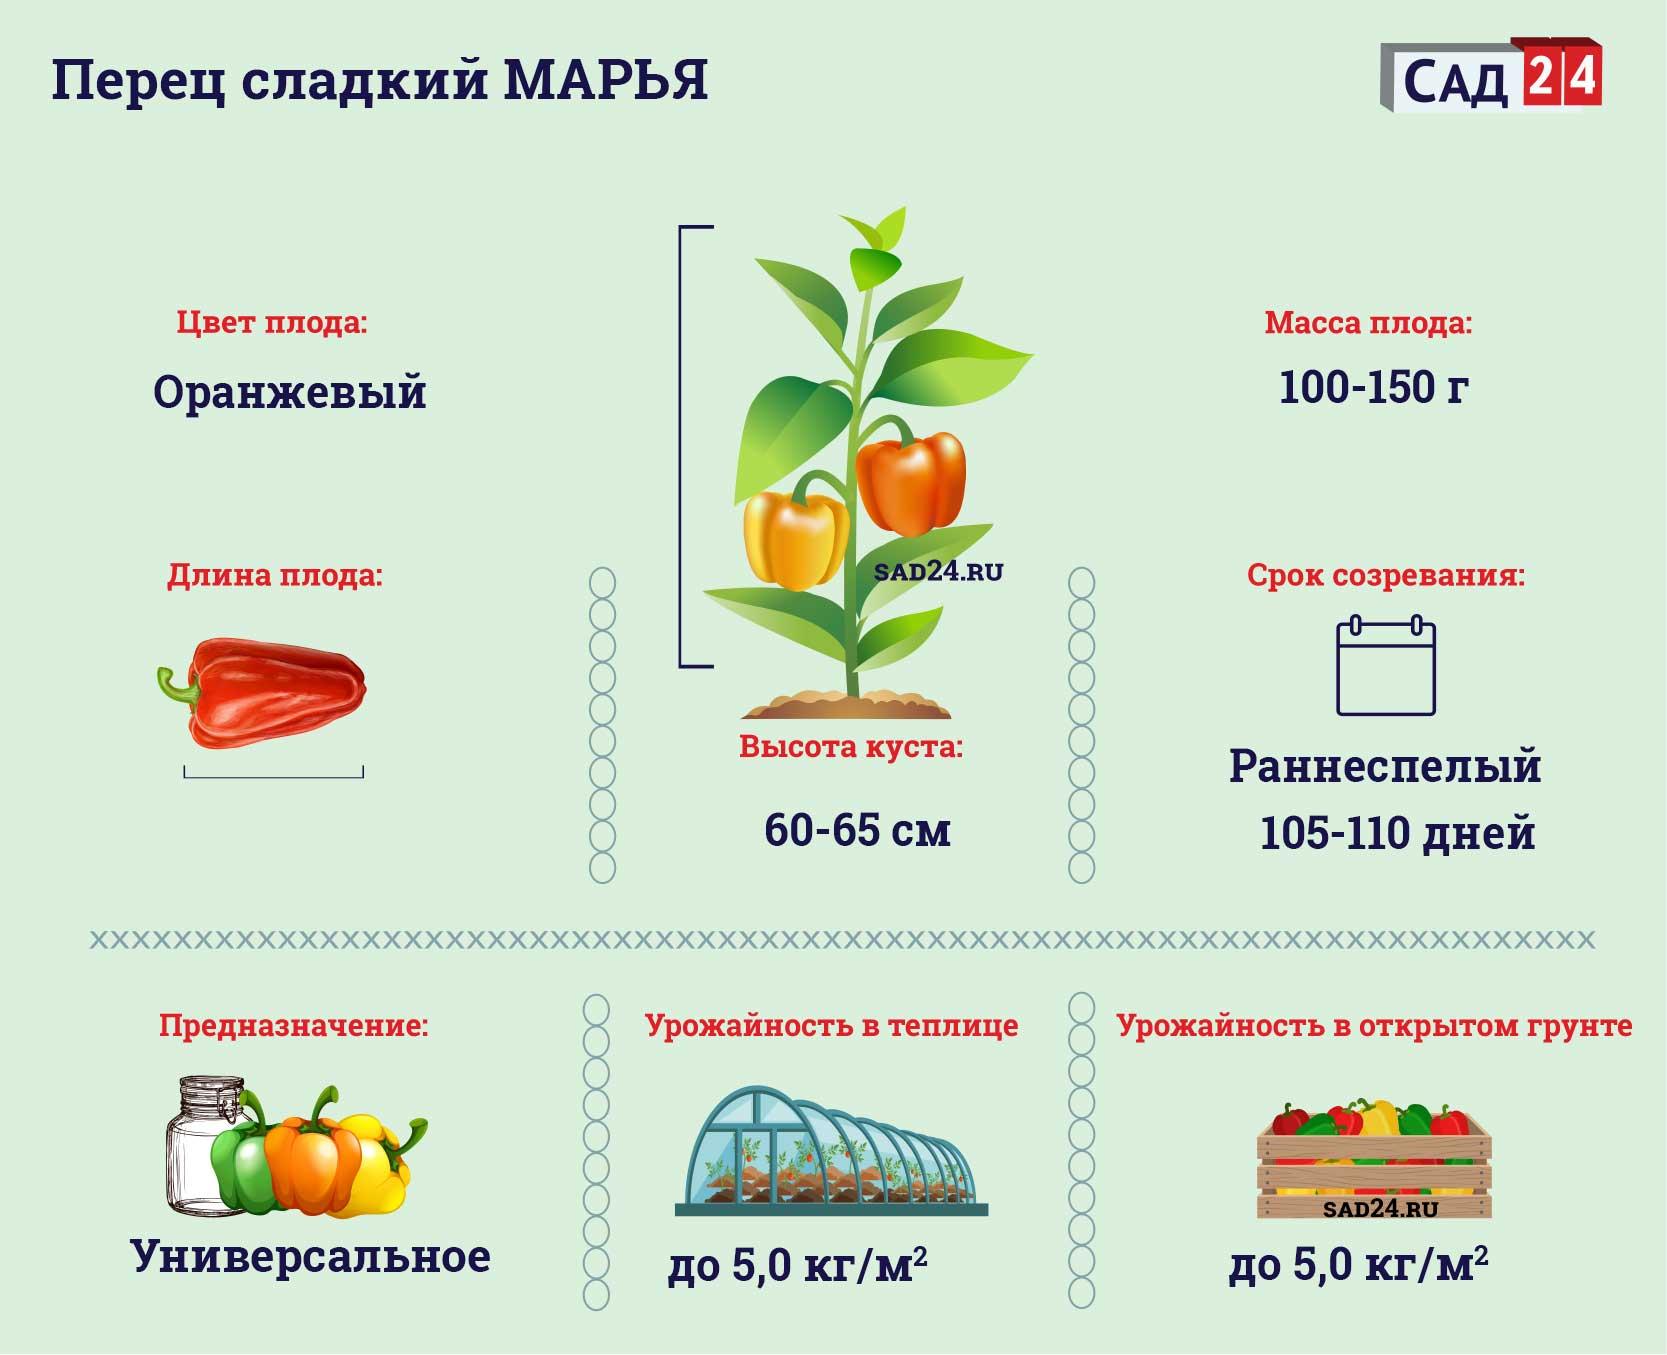 Марья - https://sad24.ru